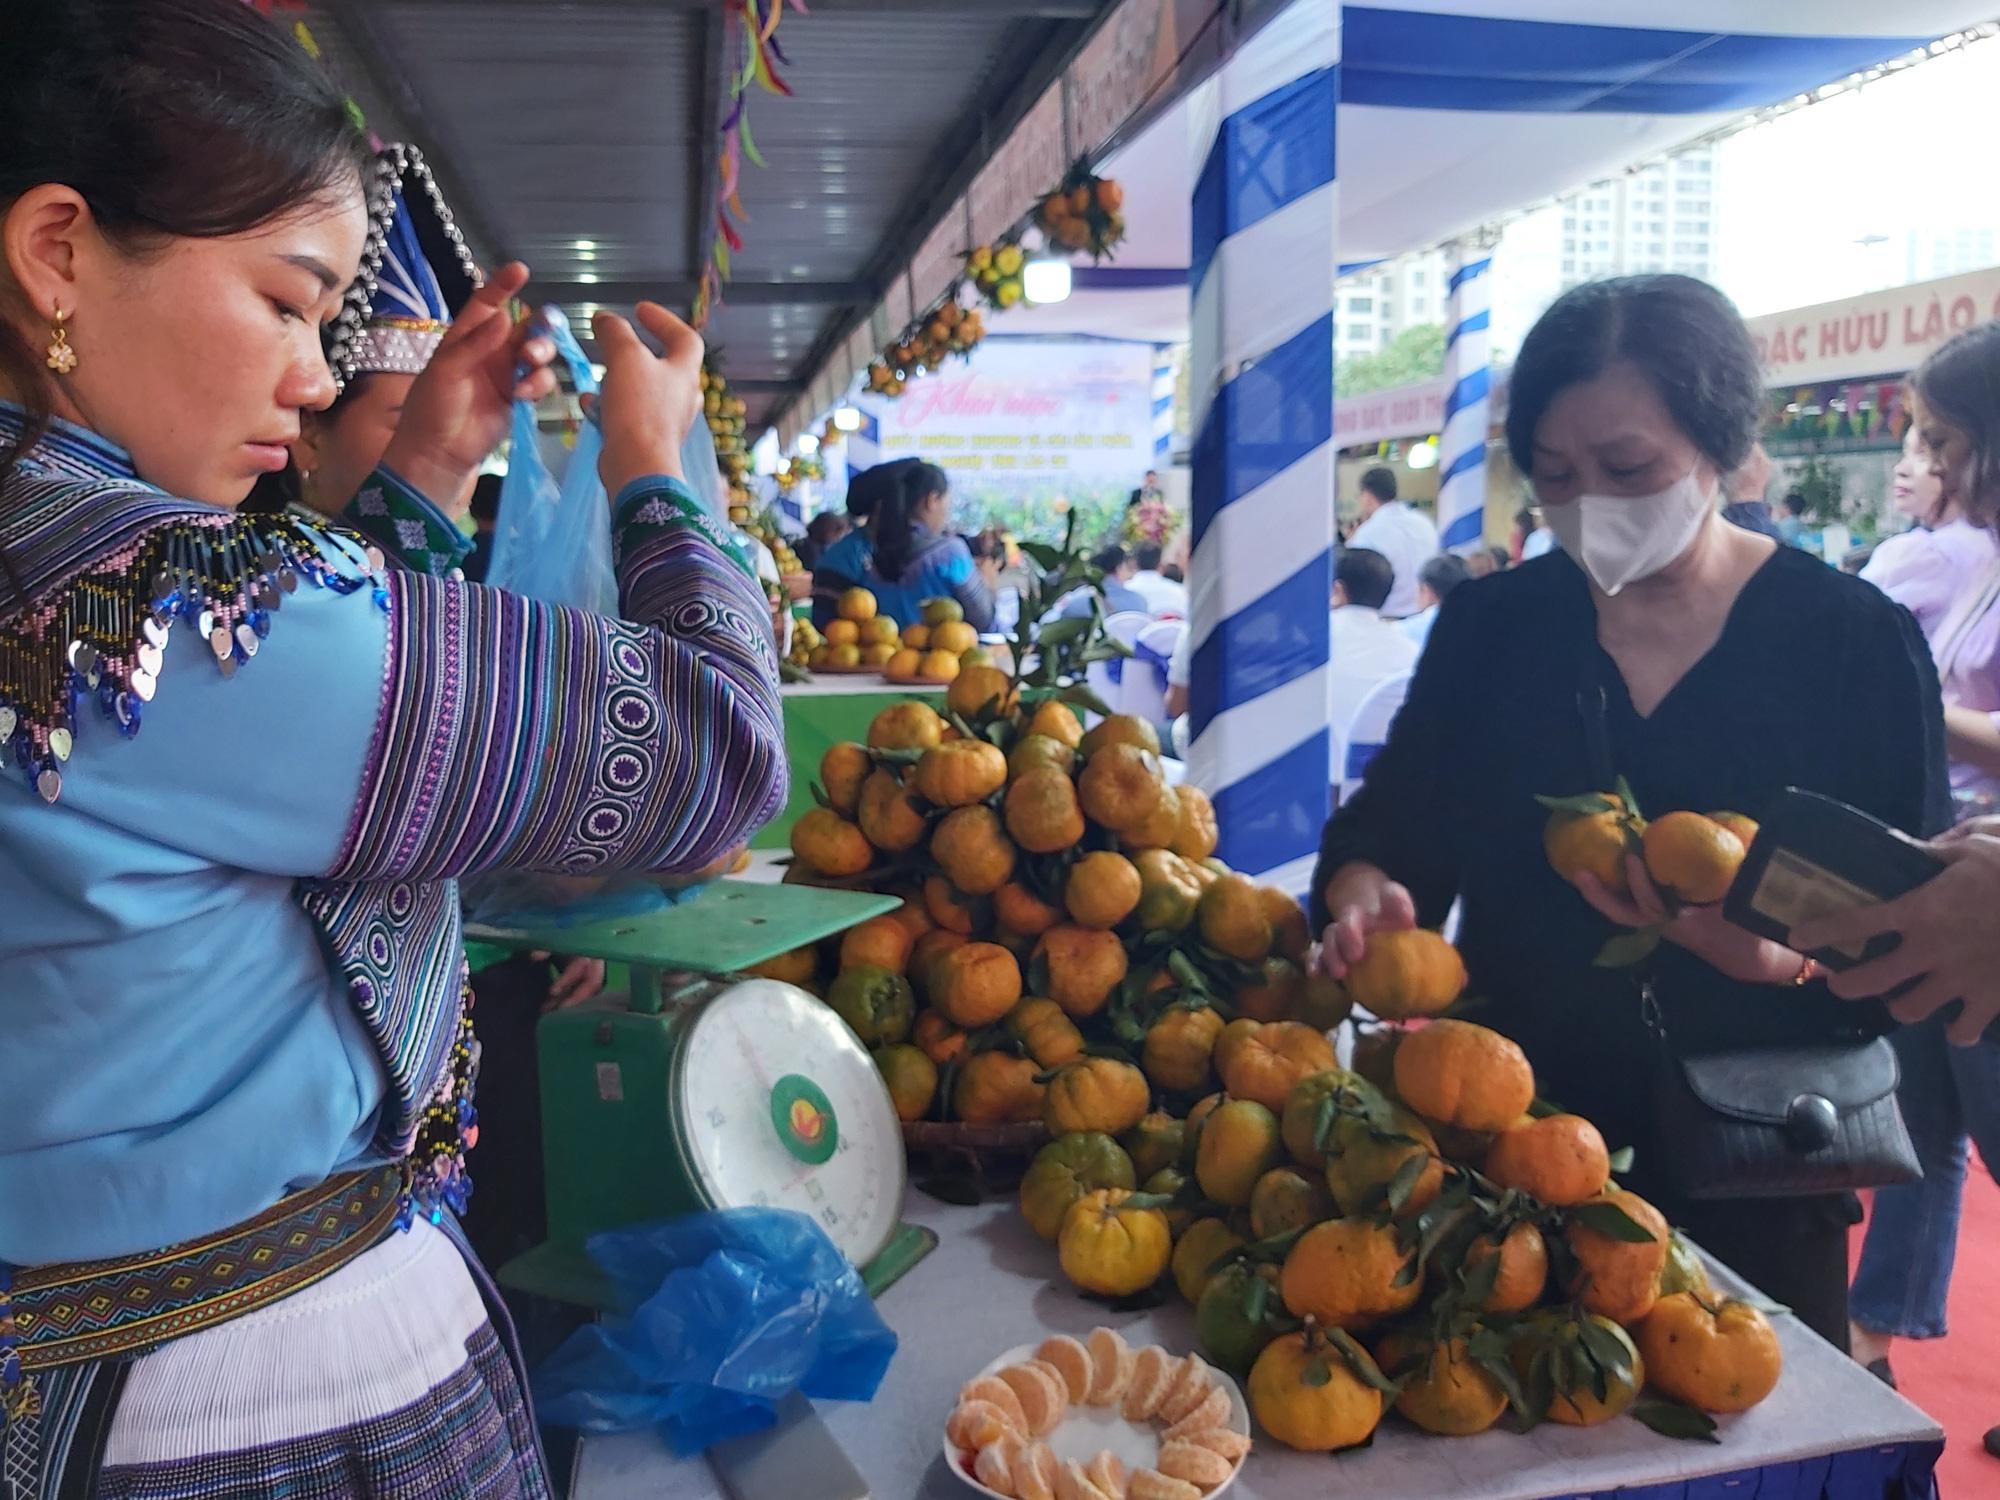 """Quýt ngọt, gạo Séng Cù, bưởi Múc...của huyện Mường Khương """"đổ bộ"""" xuống Thủ đô, người dân mê mẩn mua về ăn thử - Ảnh 3."""